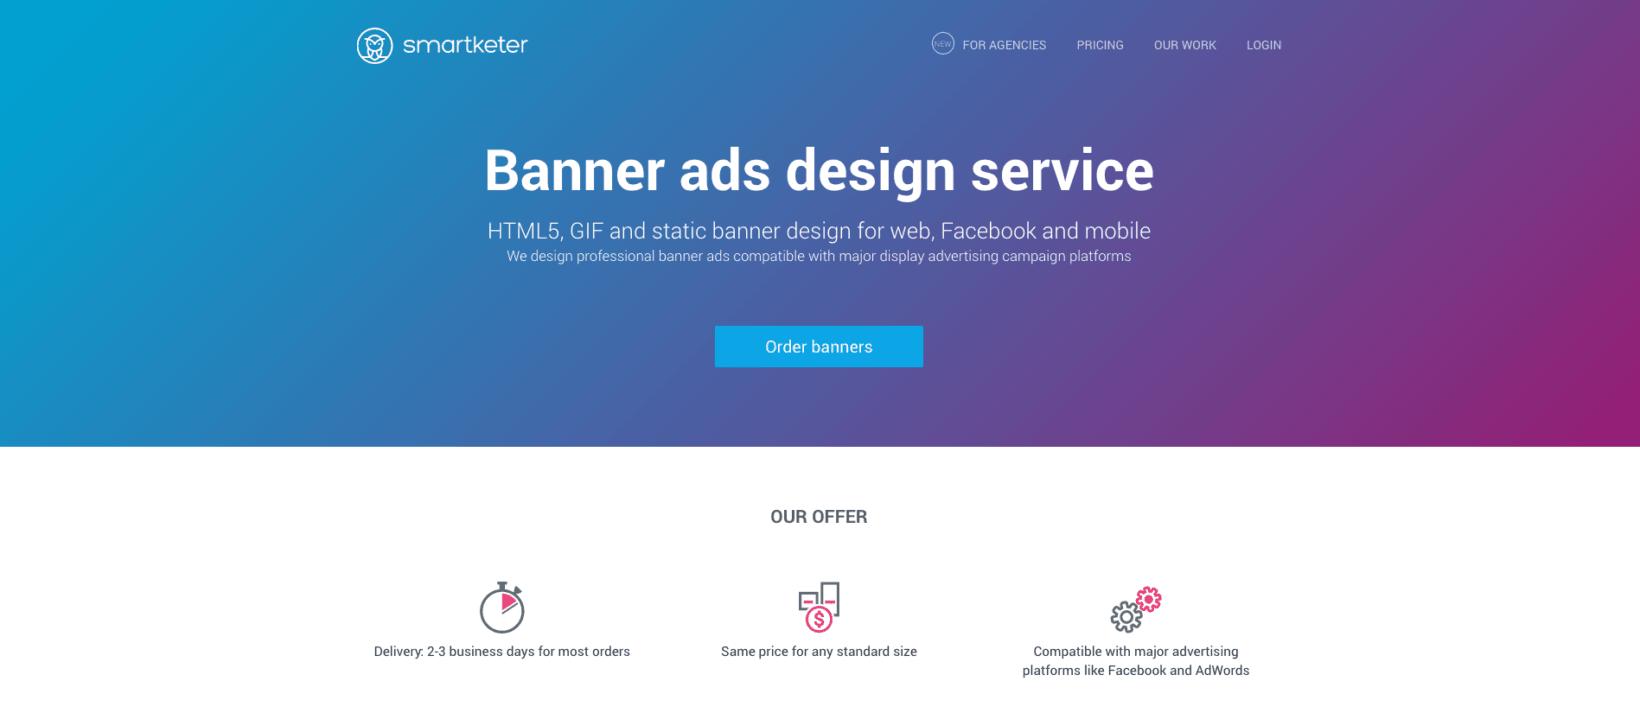 Smartketer banner ads design service